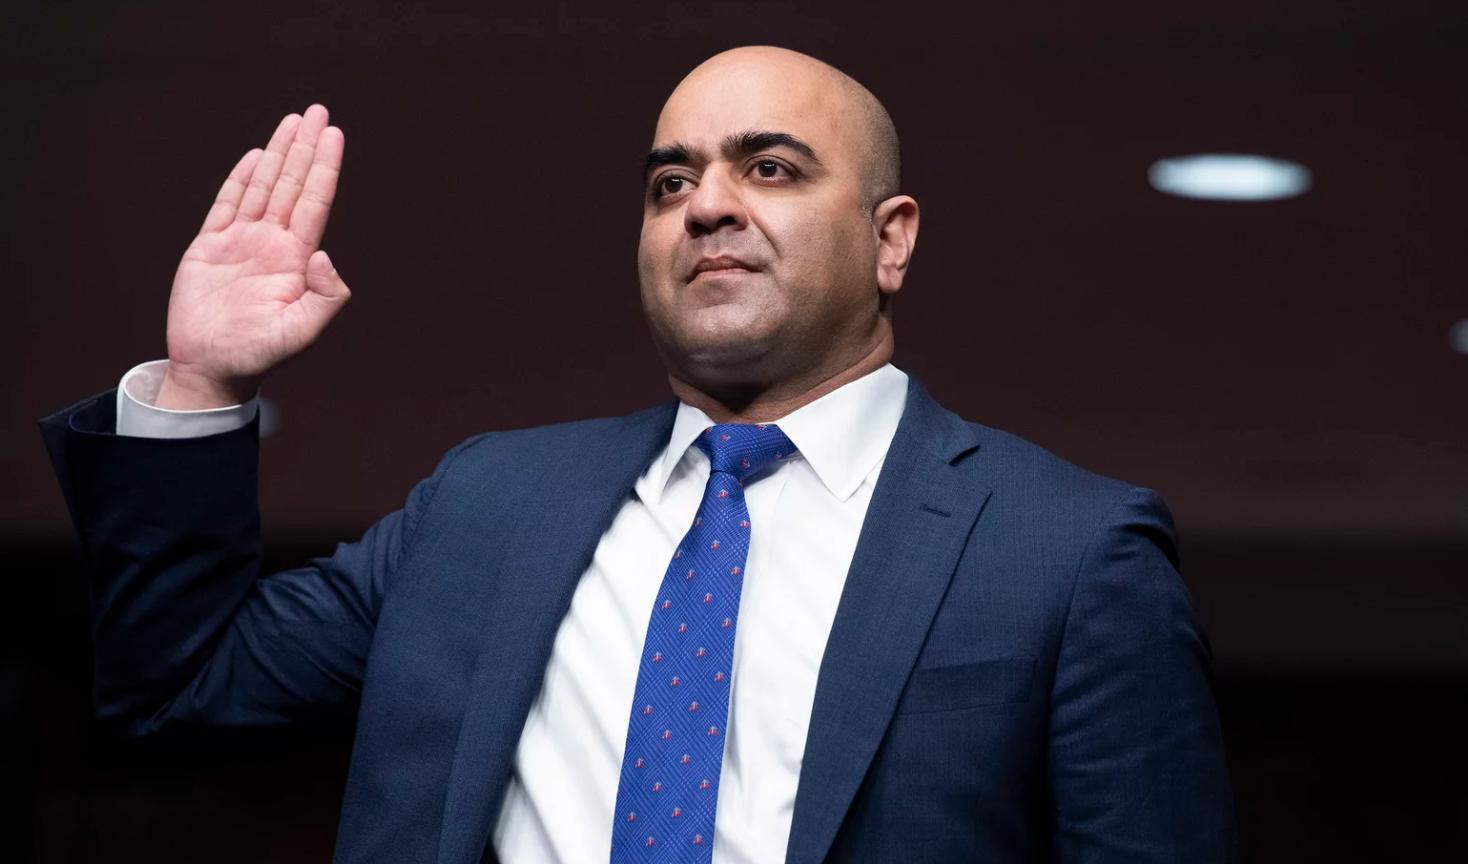 Сенат США одобрил назначение федеральным судьей первого в истории мусульманина